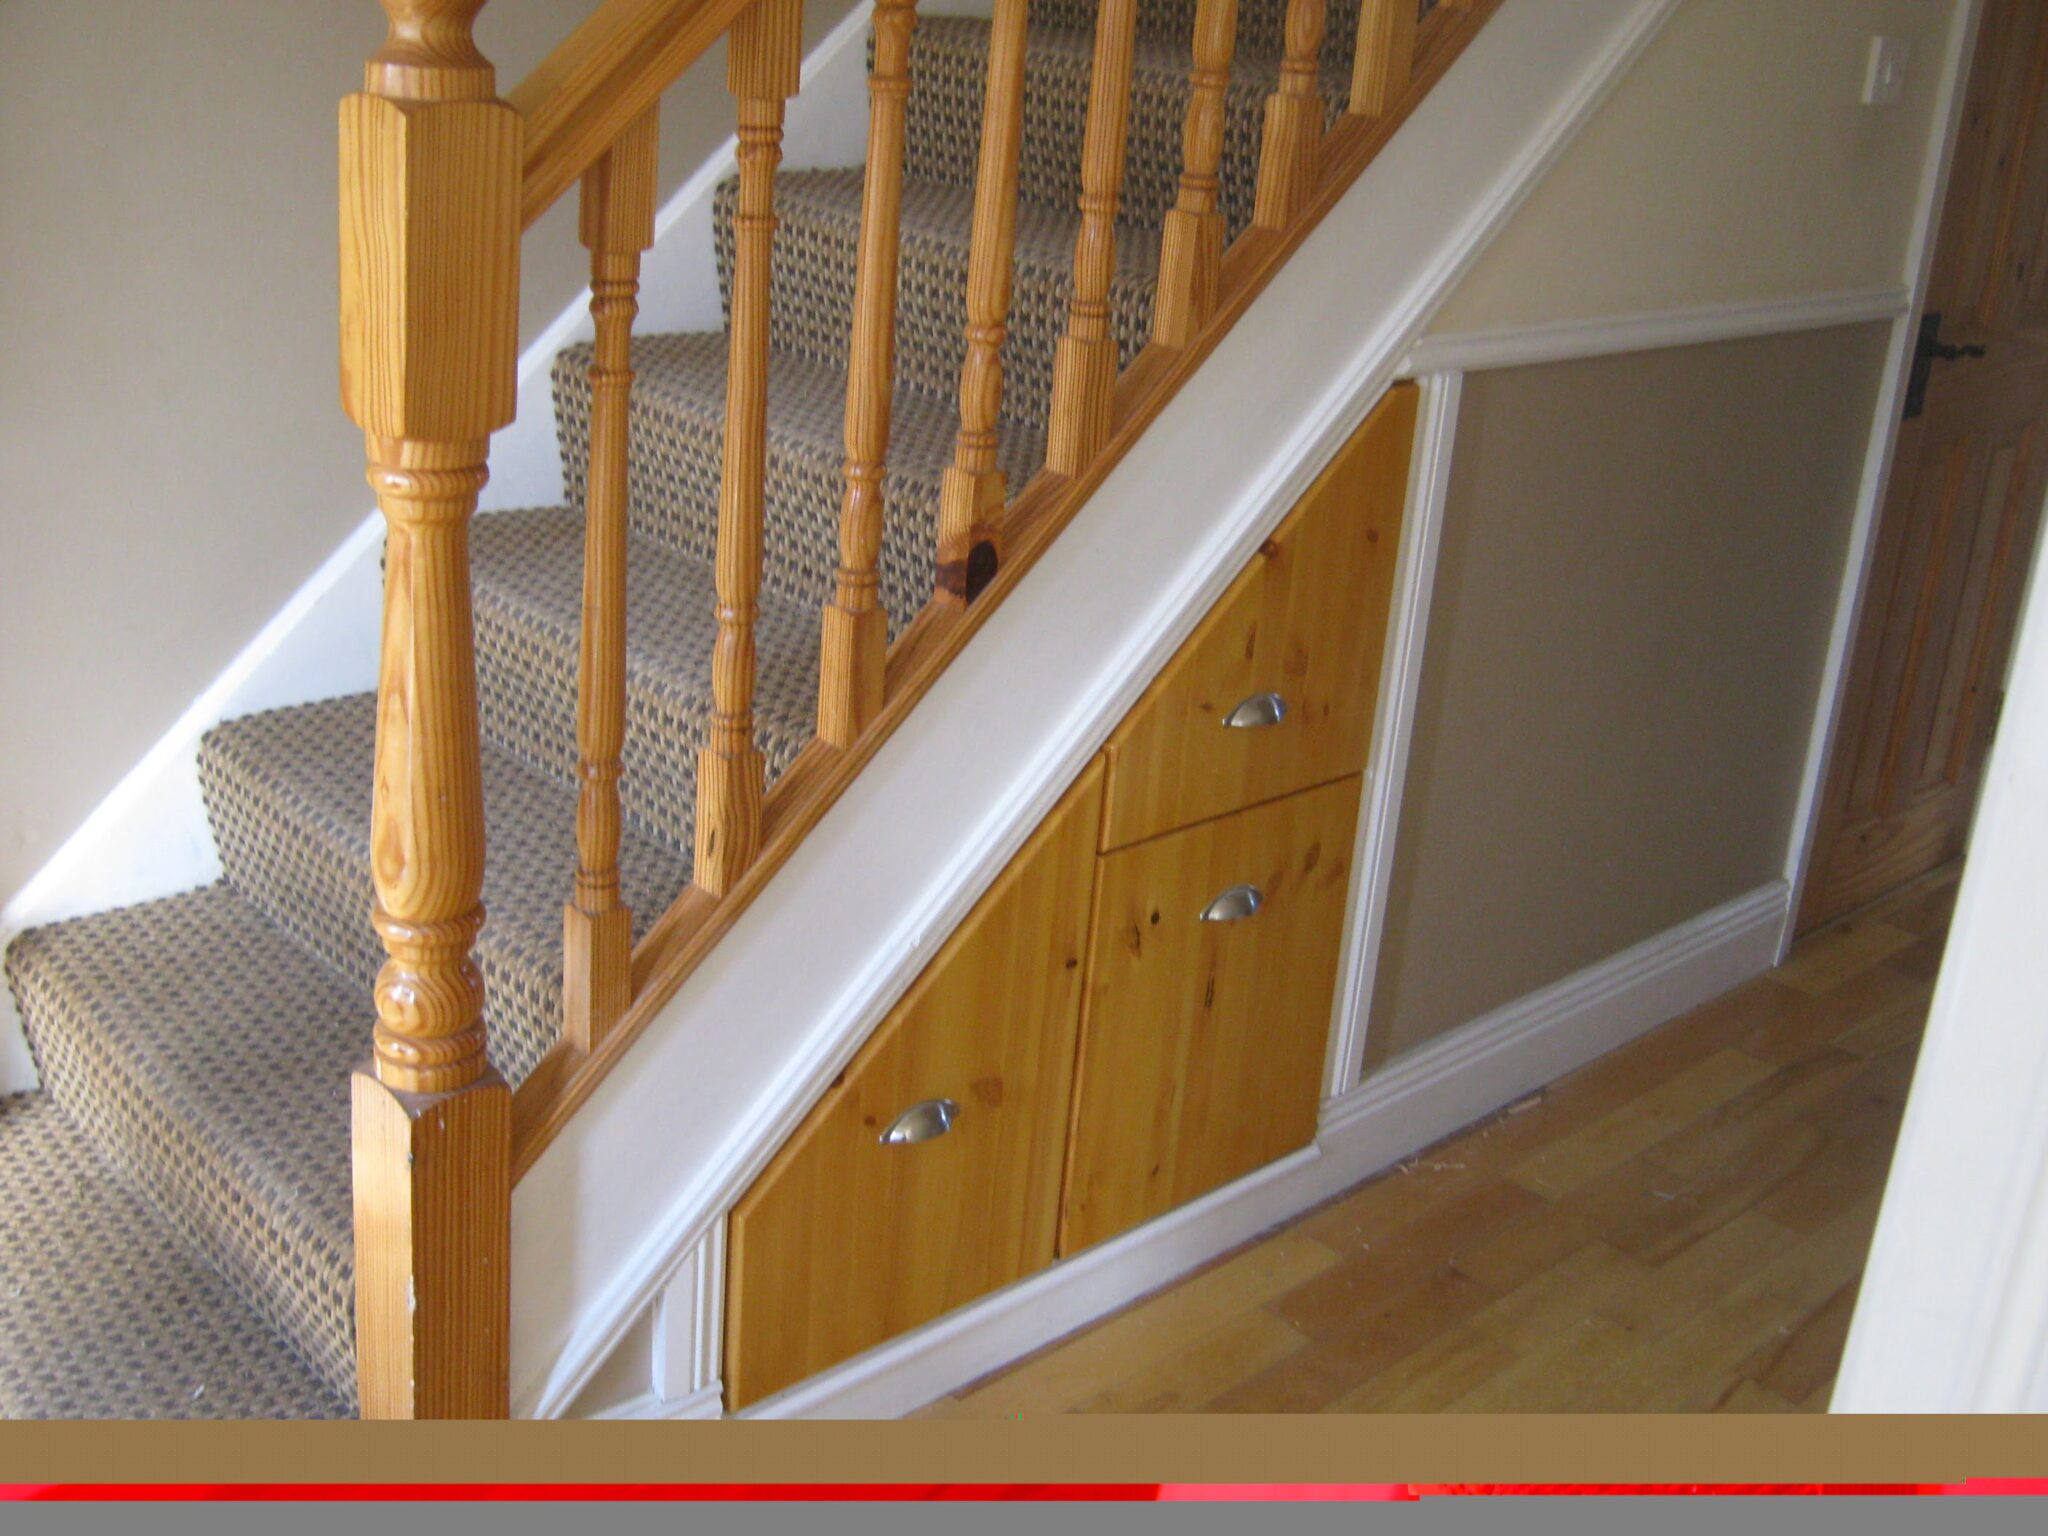 understair Storage drawers. Understair storage ... & understair Storage drawers - Maguire Carpentry Services Carpenter ...